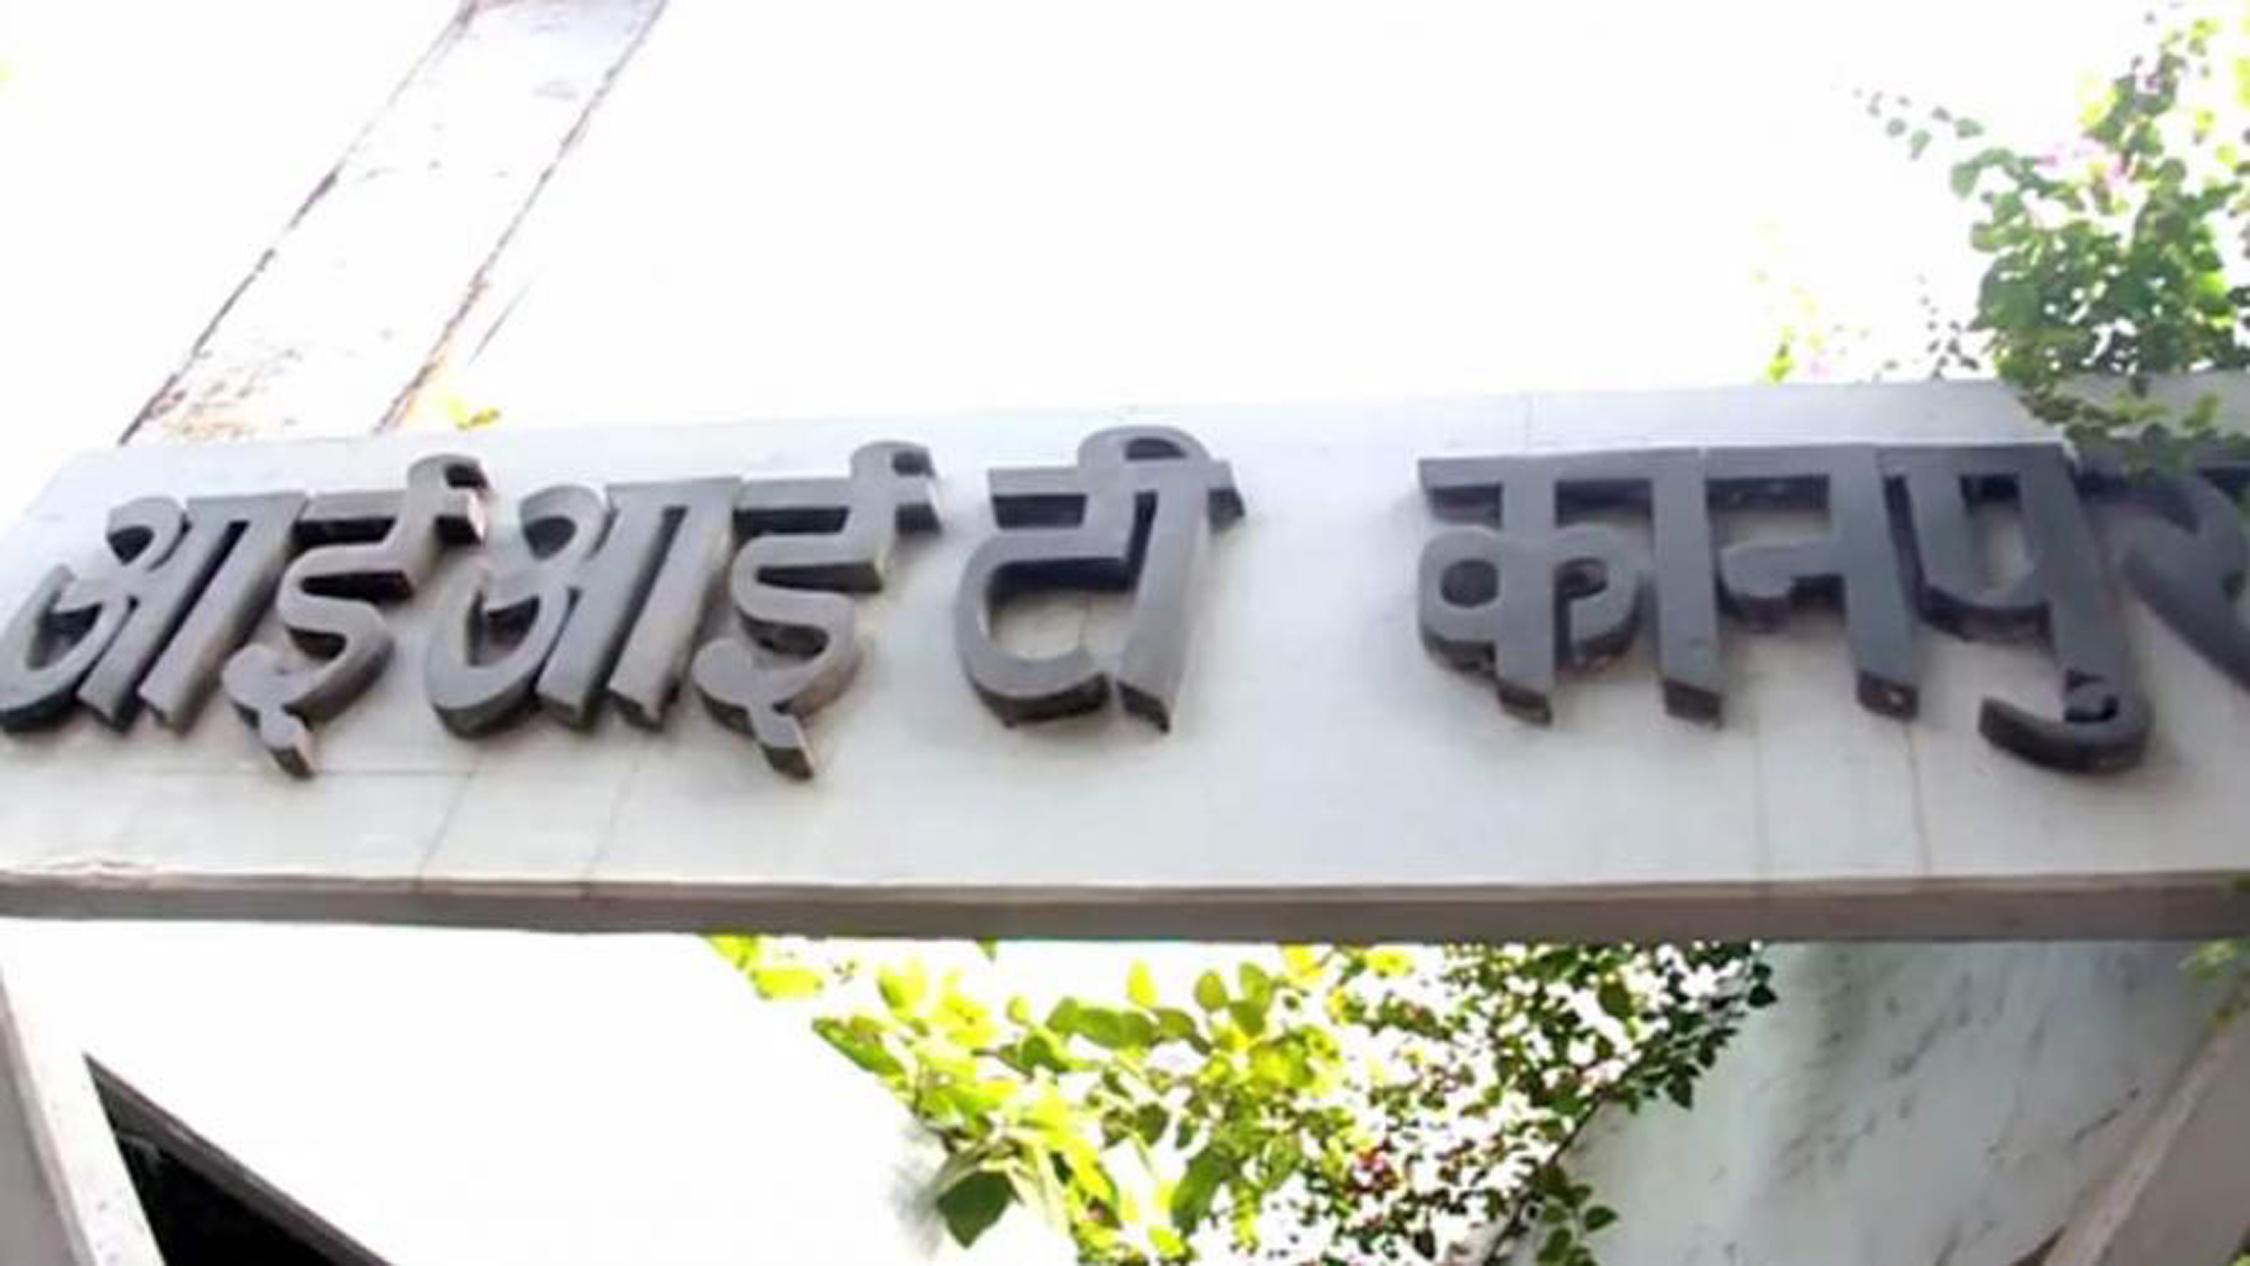 IIT इंडस्ट्री एप्लीकेशन सोसाइटी ने कानपुर के वैज्ञानिक को आउटस्टैंडिंग मेंटर एजुकेटर अवार्ड से किया सम्मानित|कानपुर,Kanpur - Dainik Bhaskar